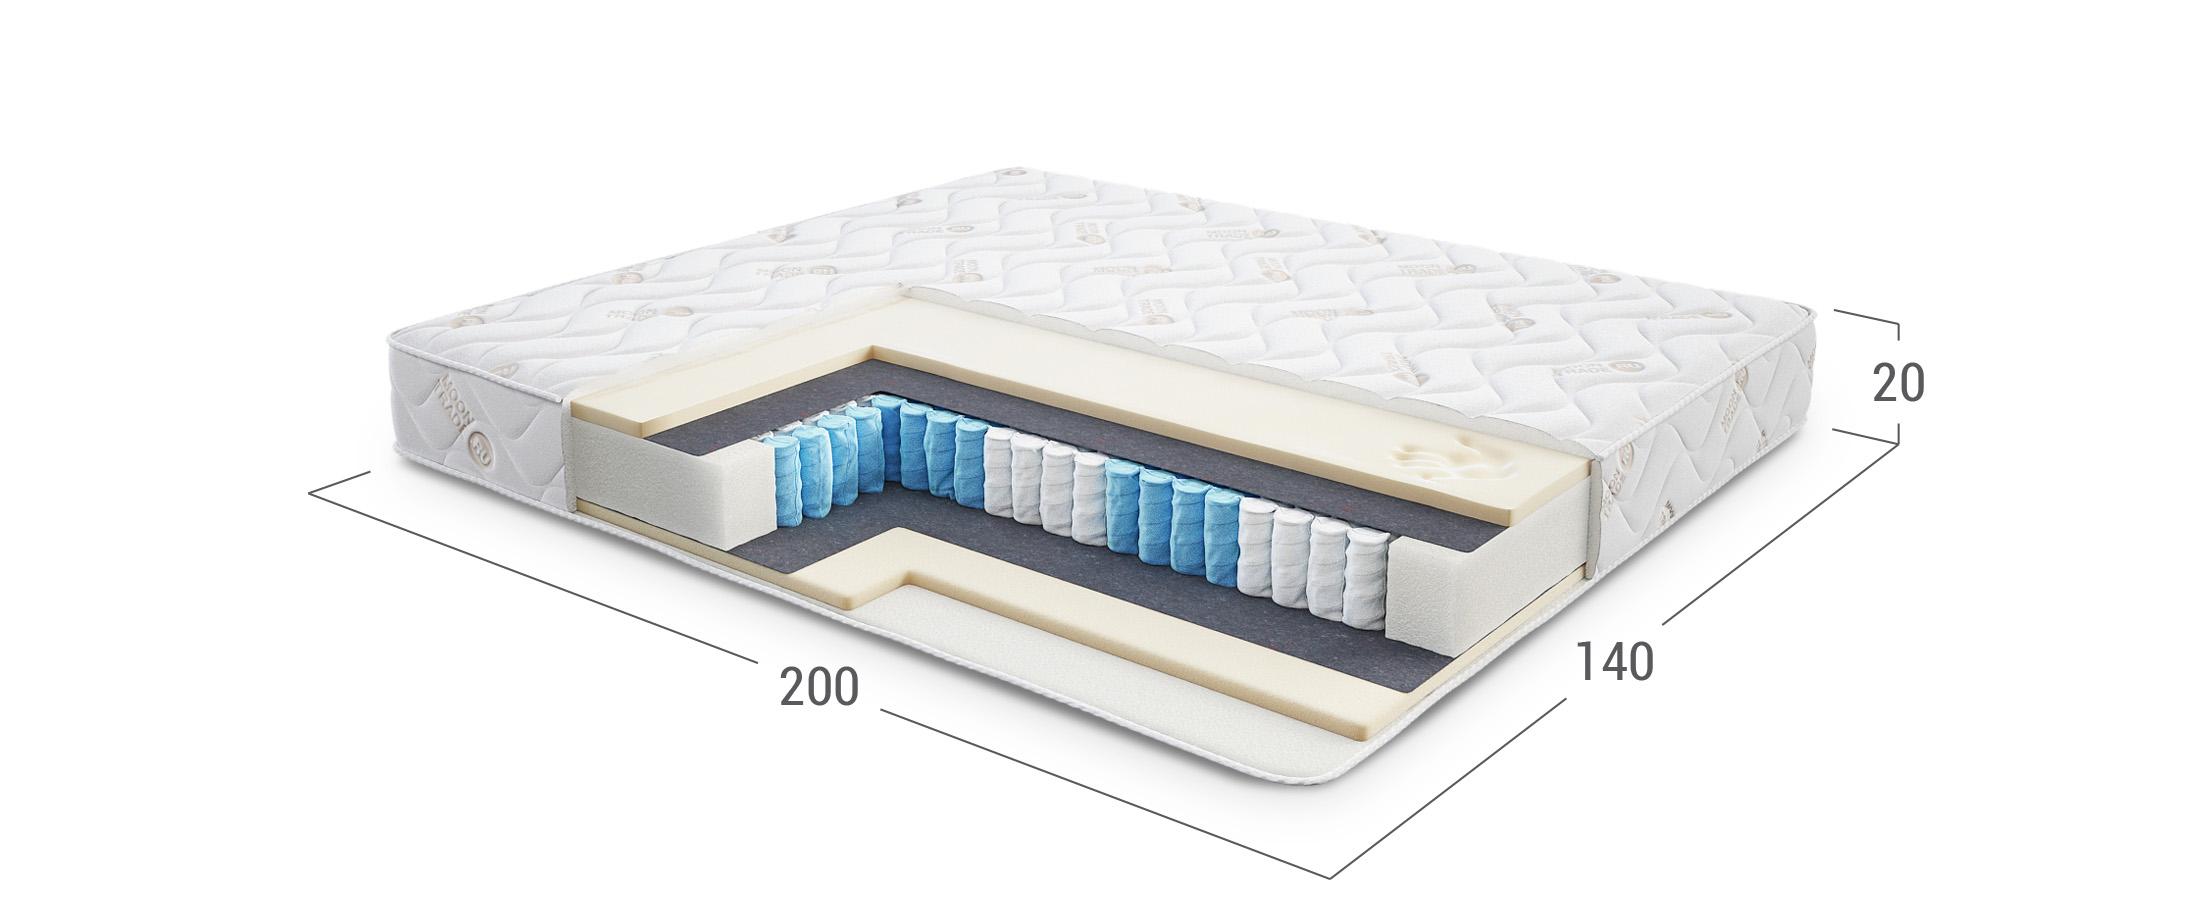 Comfort Rest 404 матрас 140x200Матрас средней жёсткости. Поддерживает тело во время сна, учитывая его анатомические особенности. Размеры 140x200 см. Купить в интернет-магазине MOON TRADE.